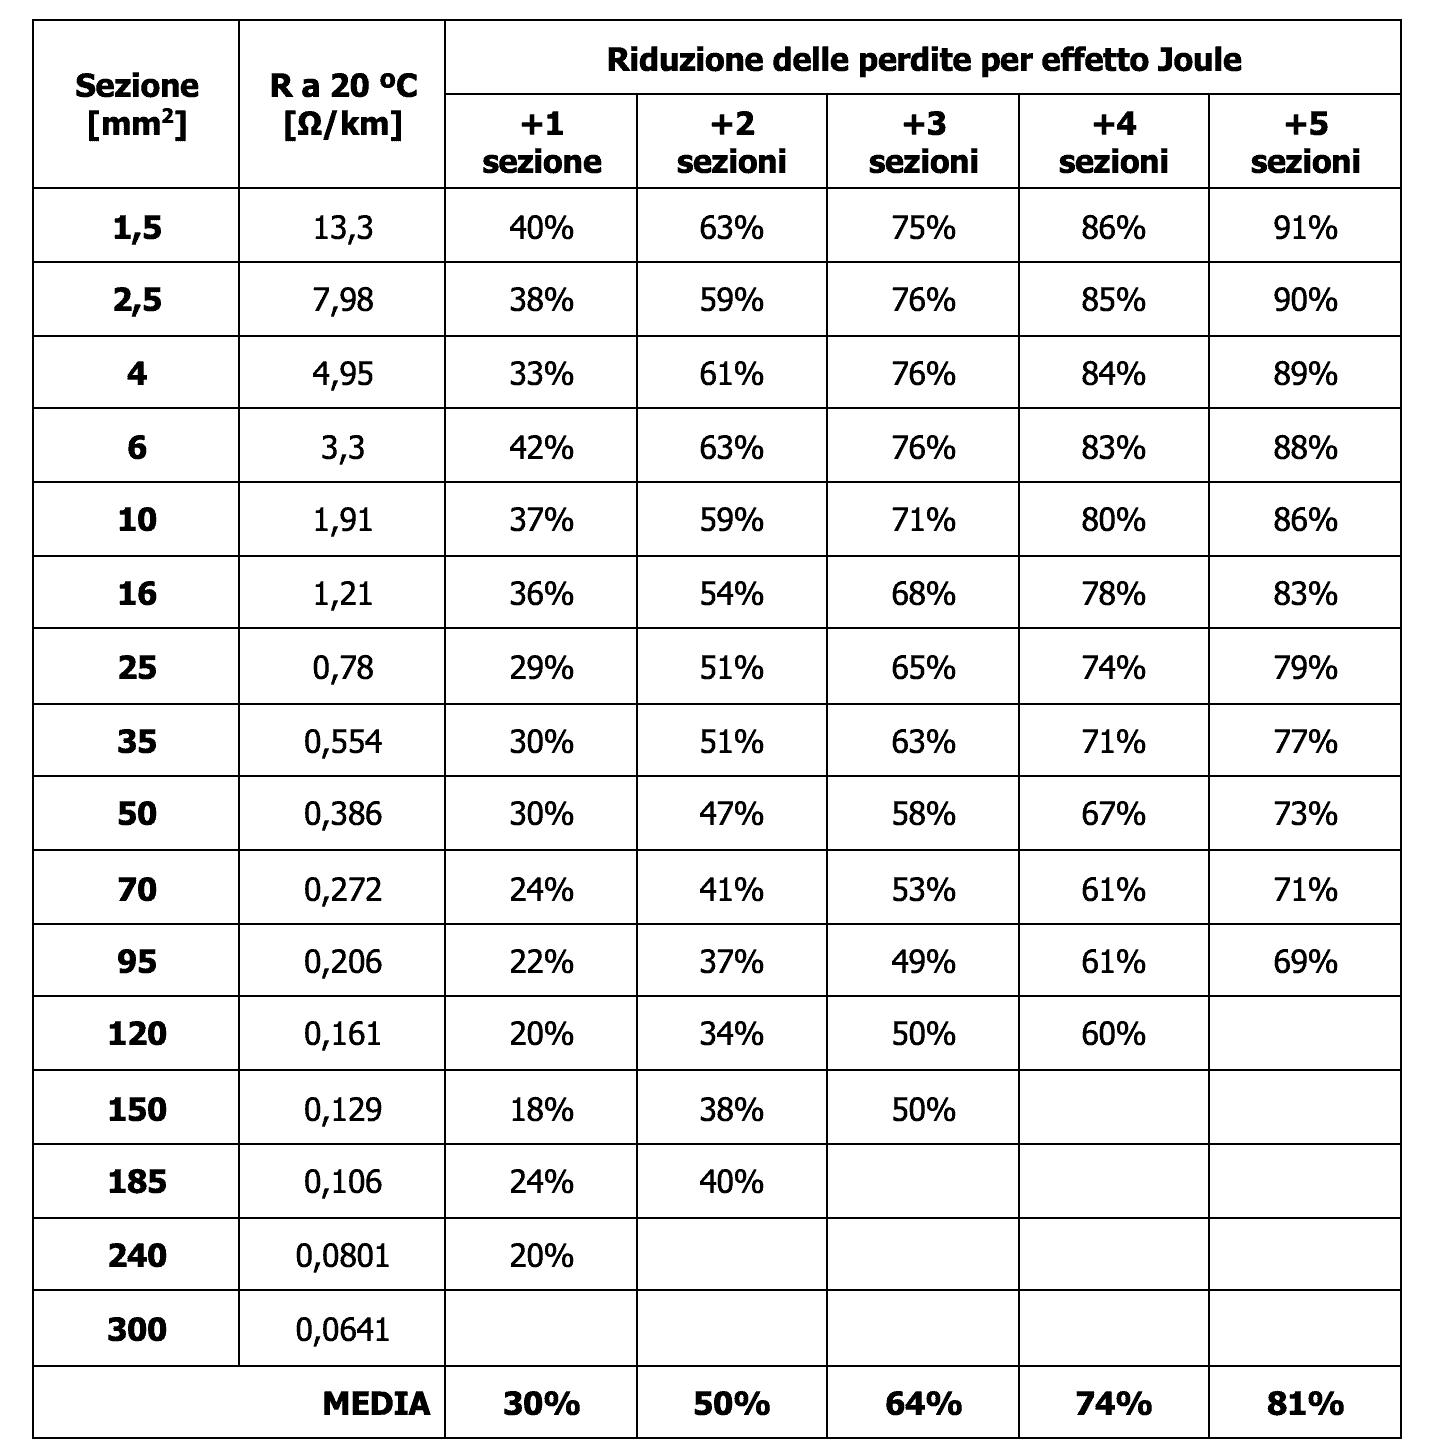 Riduzione delle perdite per effetto Joule nei cavi elettrici